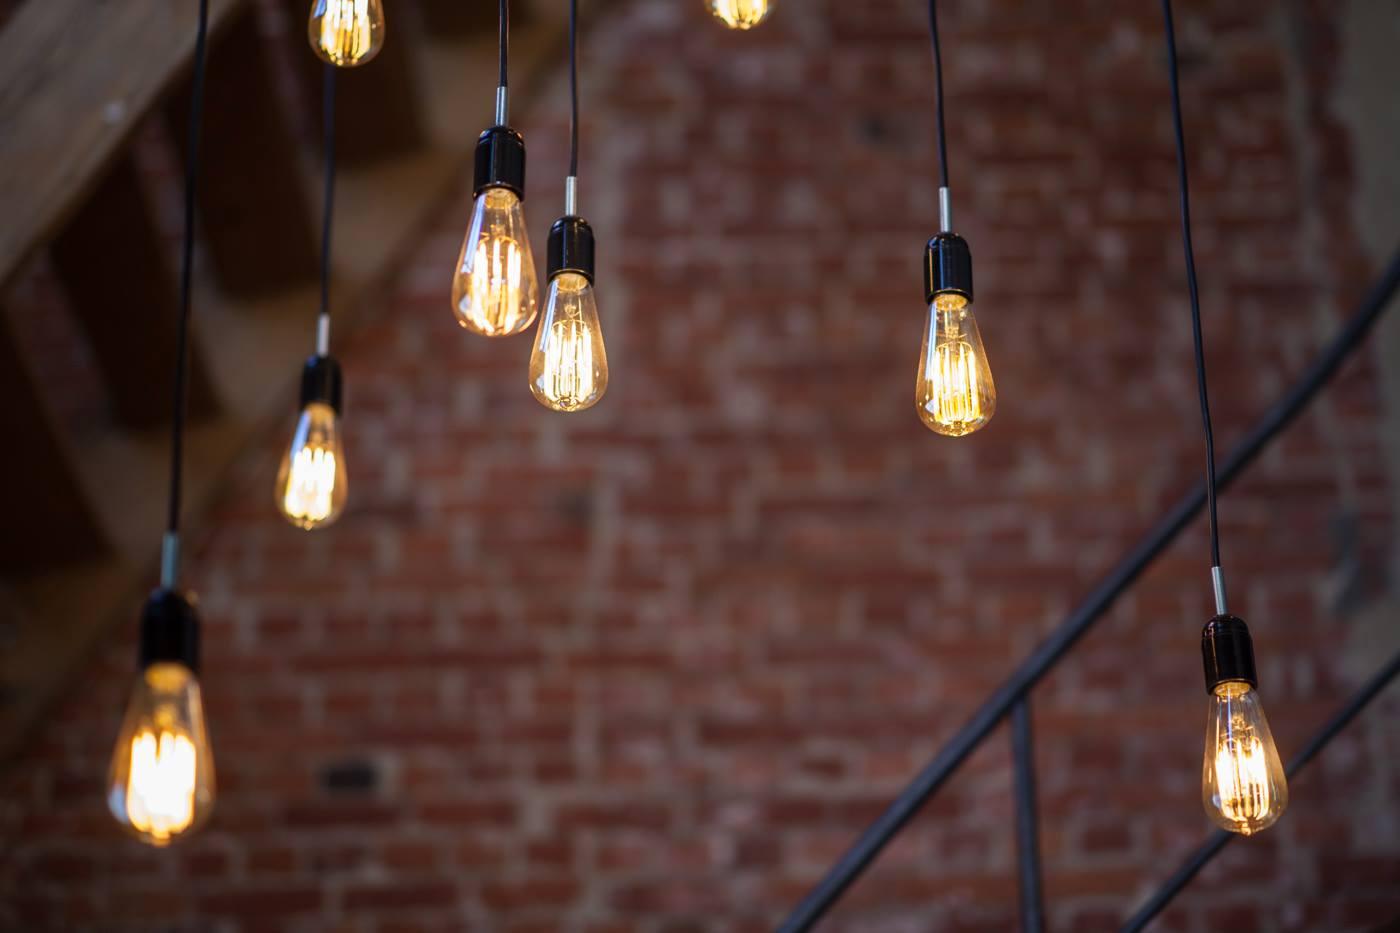 Douilles Design pour Ampoule Led Filmament Sonodistrib Seclin 59113 Lille Nord-Pas-de-Calais vente installation location matériel sono sonorisation éclairage led structure